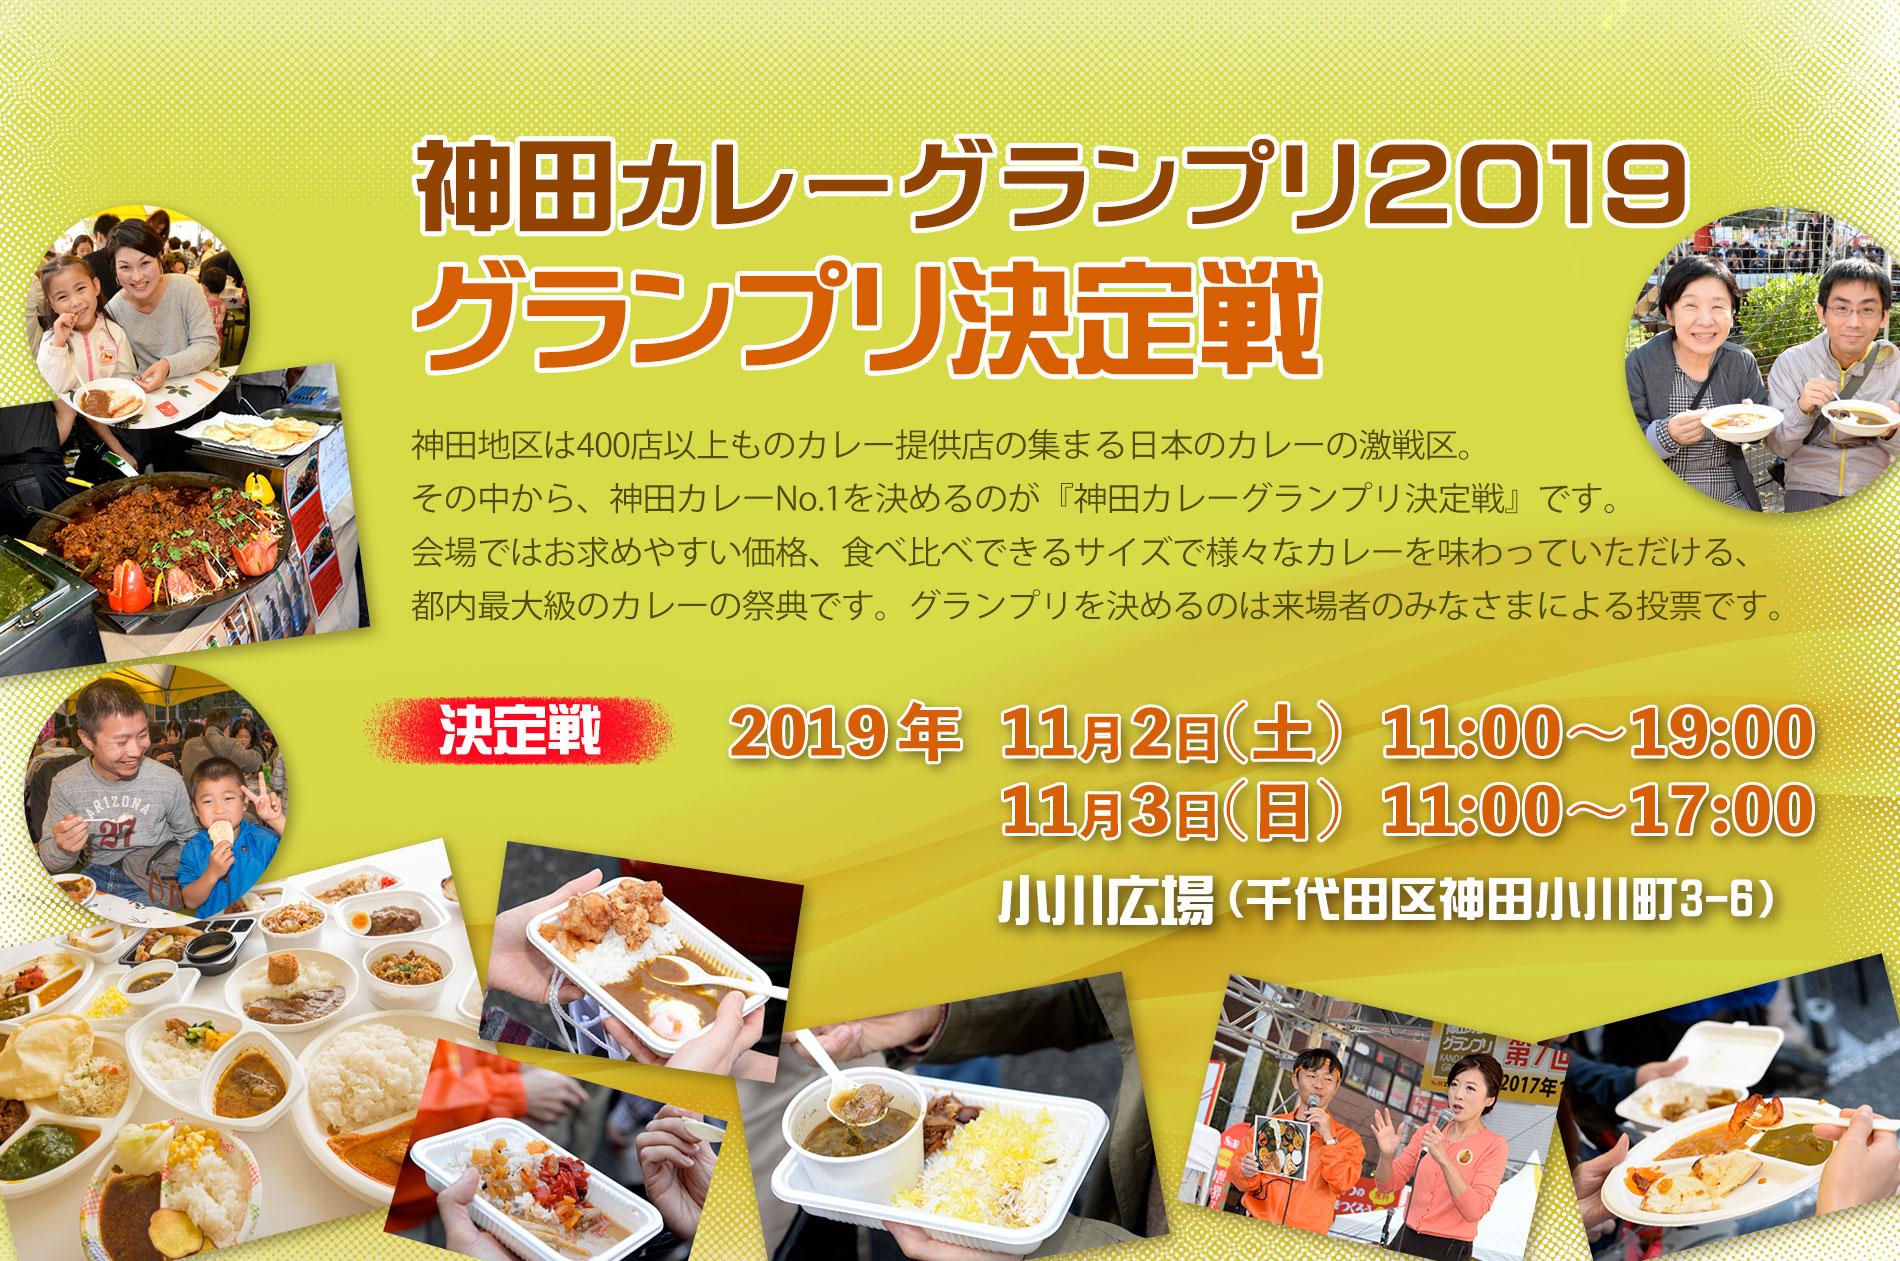 神田カレーグランプリ2019決定戦 予選の告知ページです。